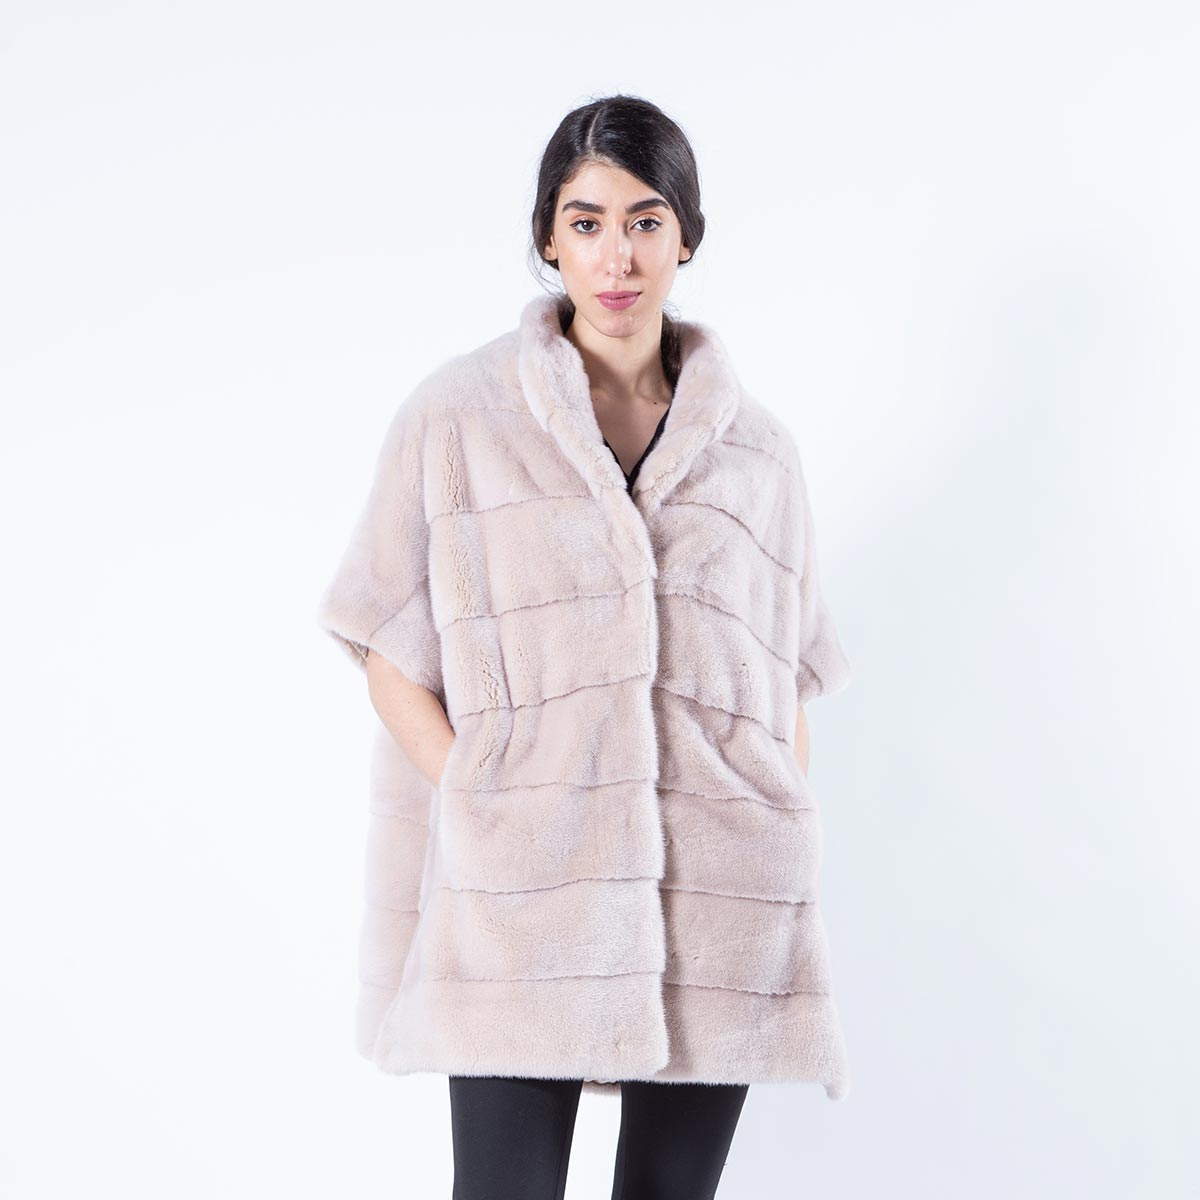 Ivory Mink Fur Cape | Кейп из меха норки цвета «слоновая кость» - Sarigianni Furs